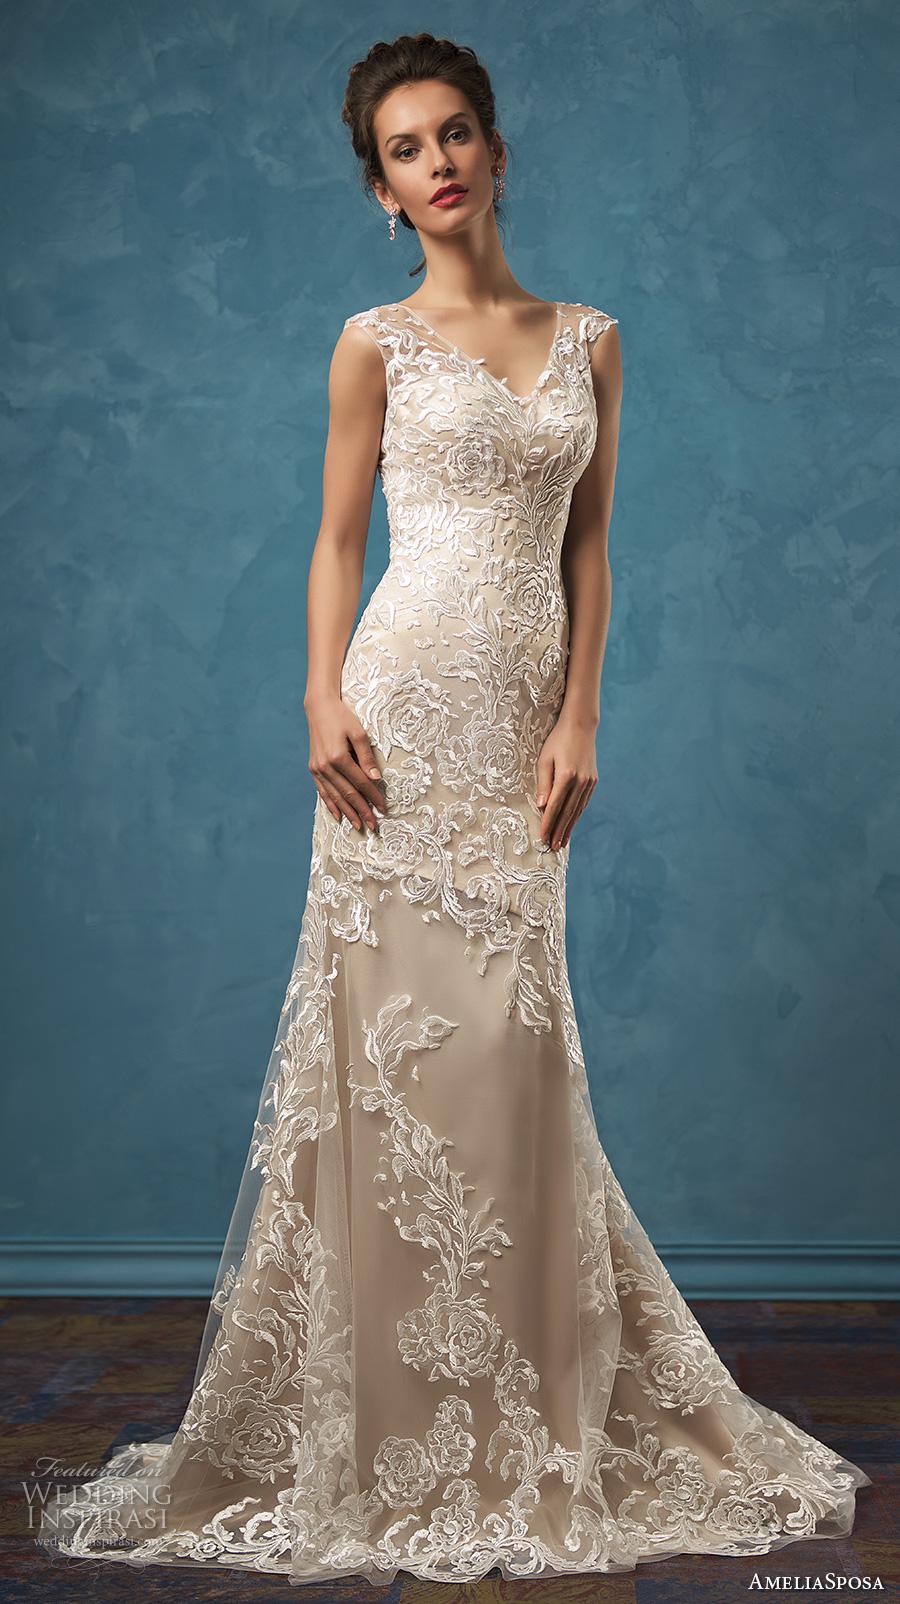 amelia sposa 2017 bridal sleeveless sheer lace thick strap v neck heavily embellished bodice elegant sheath wedding dress sheer lace back sweep train (olivia) mv